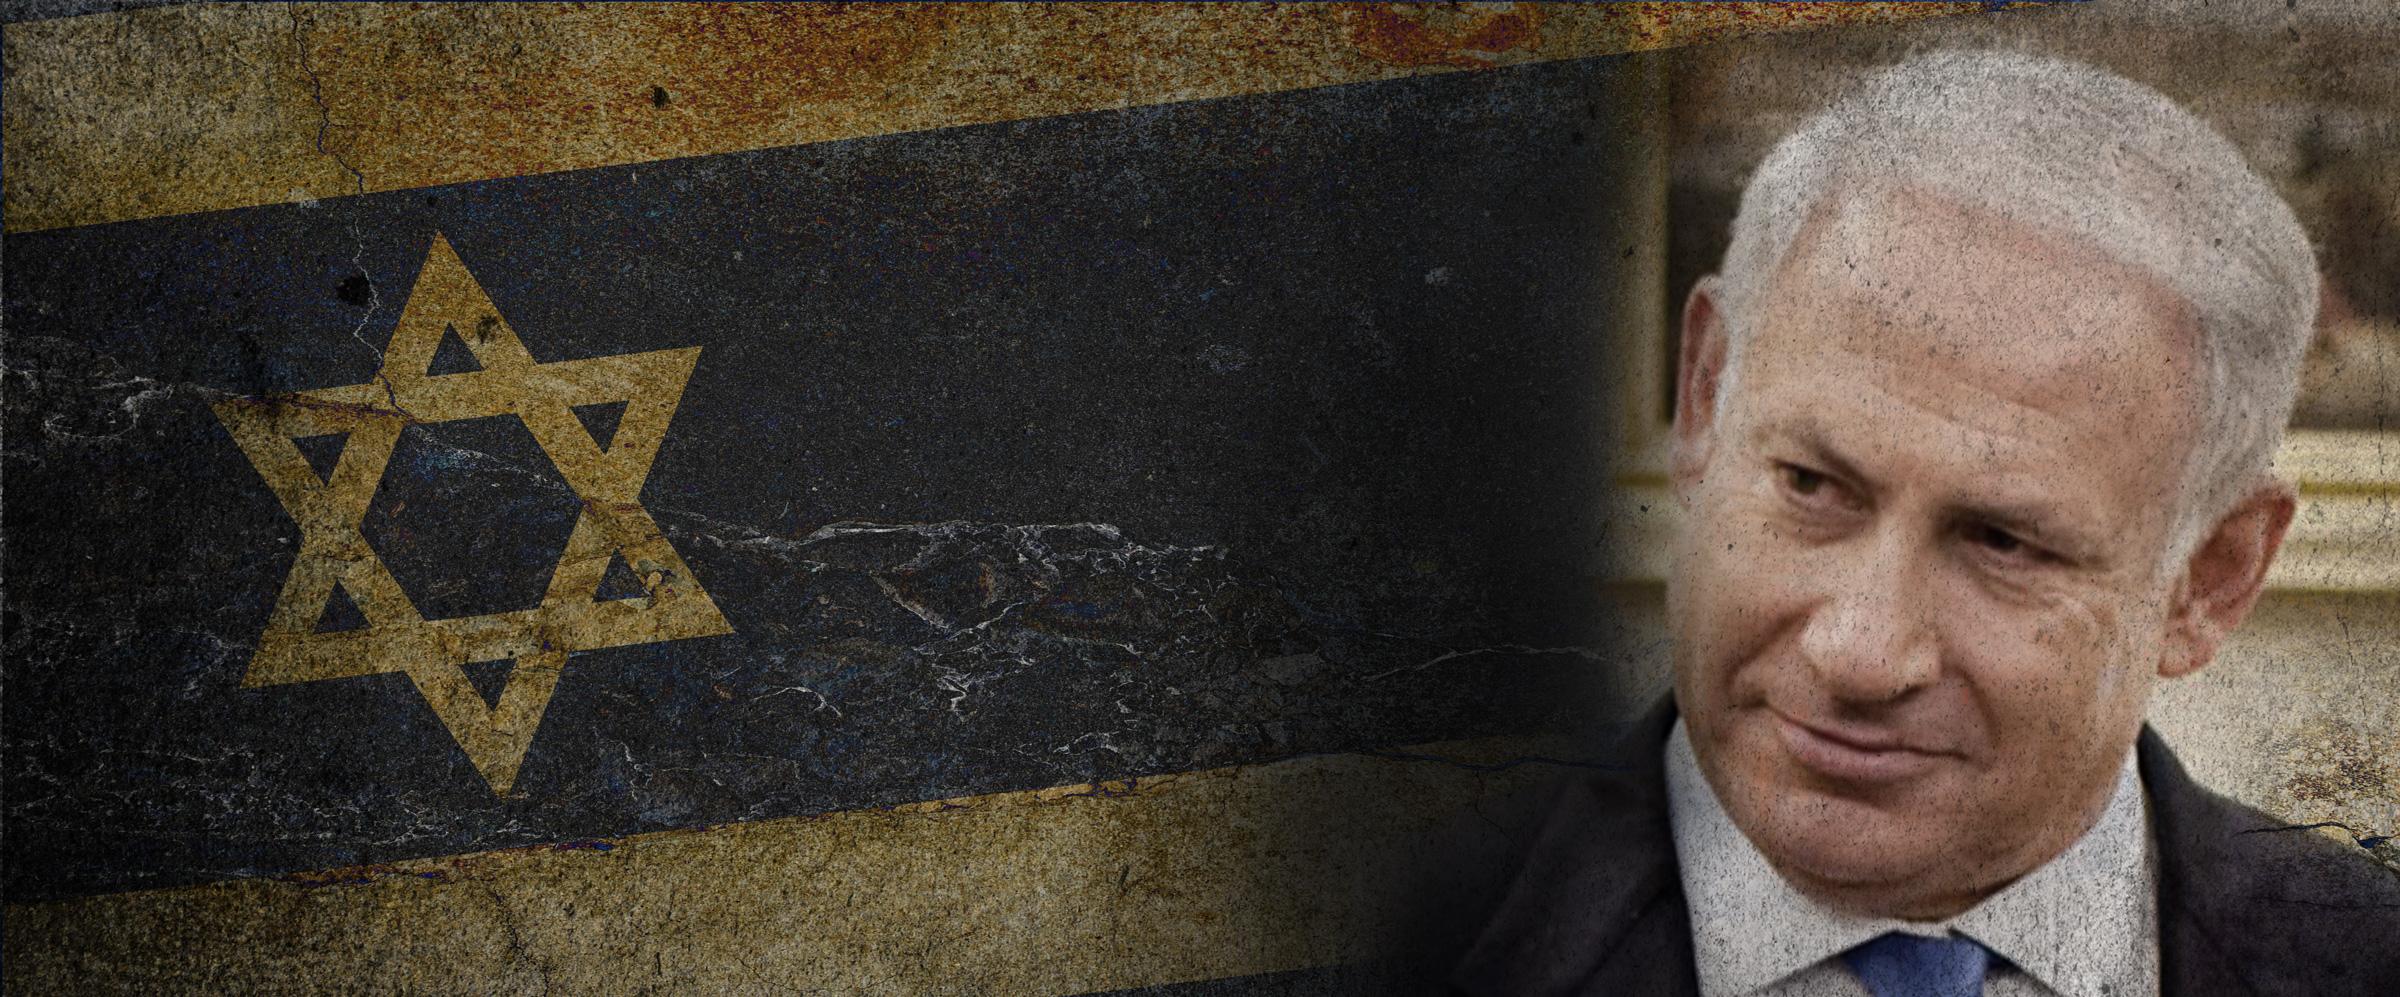 Der Untergang des Benjamin Netanjahu? <br>  <span id='sec-title'>Das gefährliche, antidemokratische Spiel mit dem Feuer.</span>